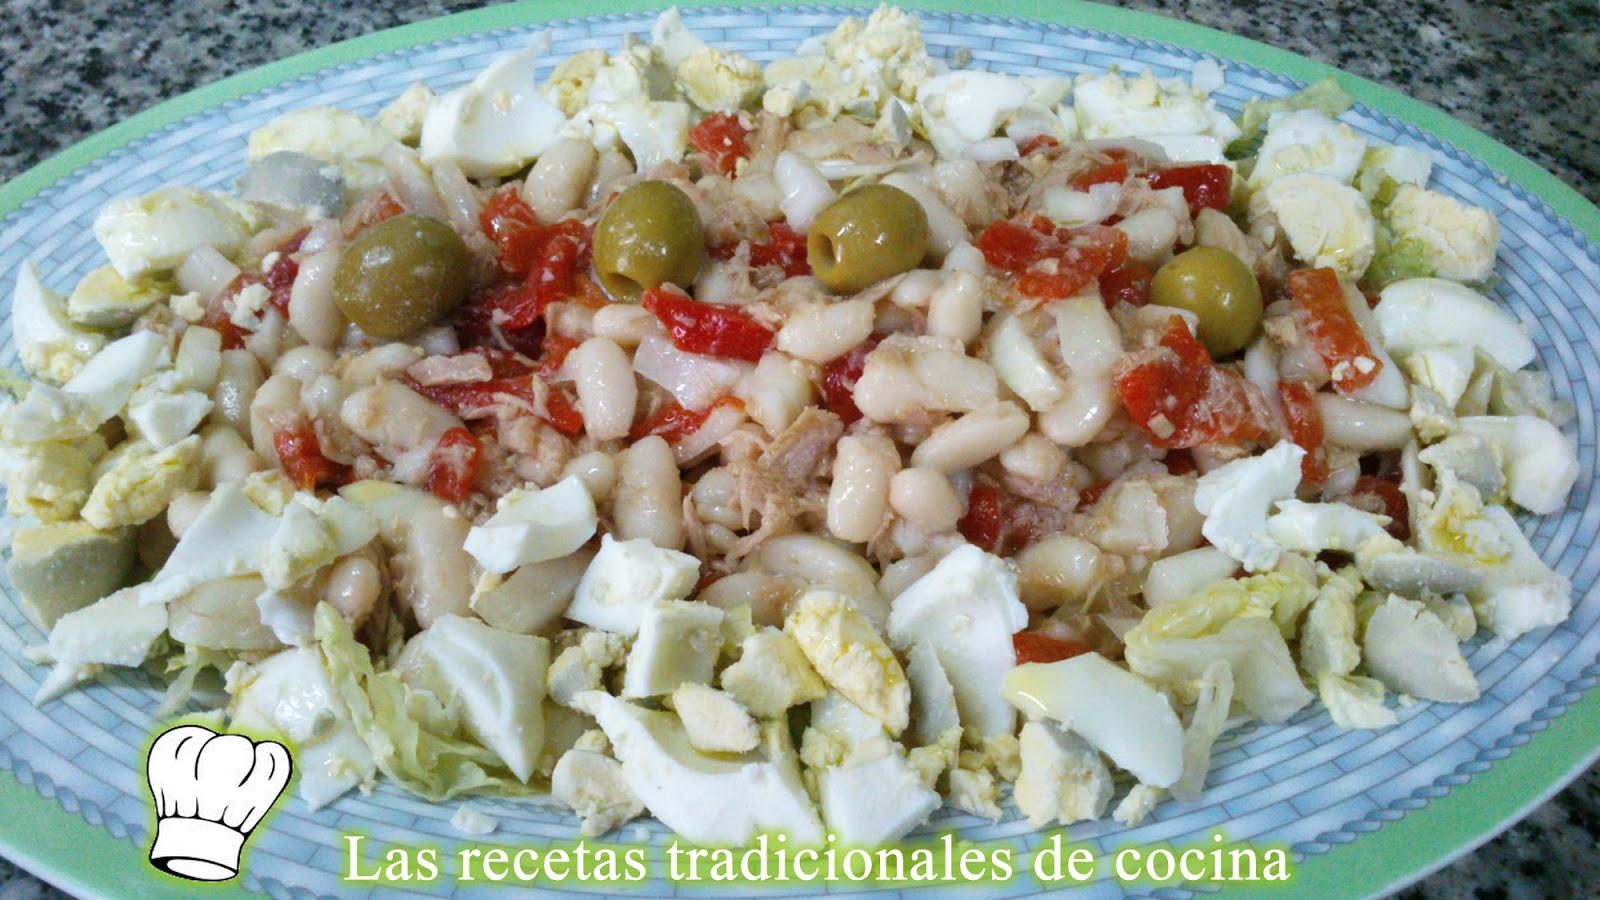 Receta de ensalada de alubias blancas recetas de cocina for Cocinar judias blancas de bote